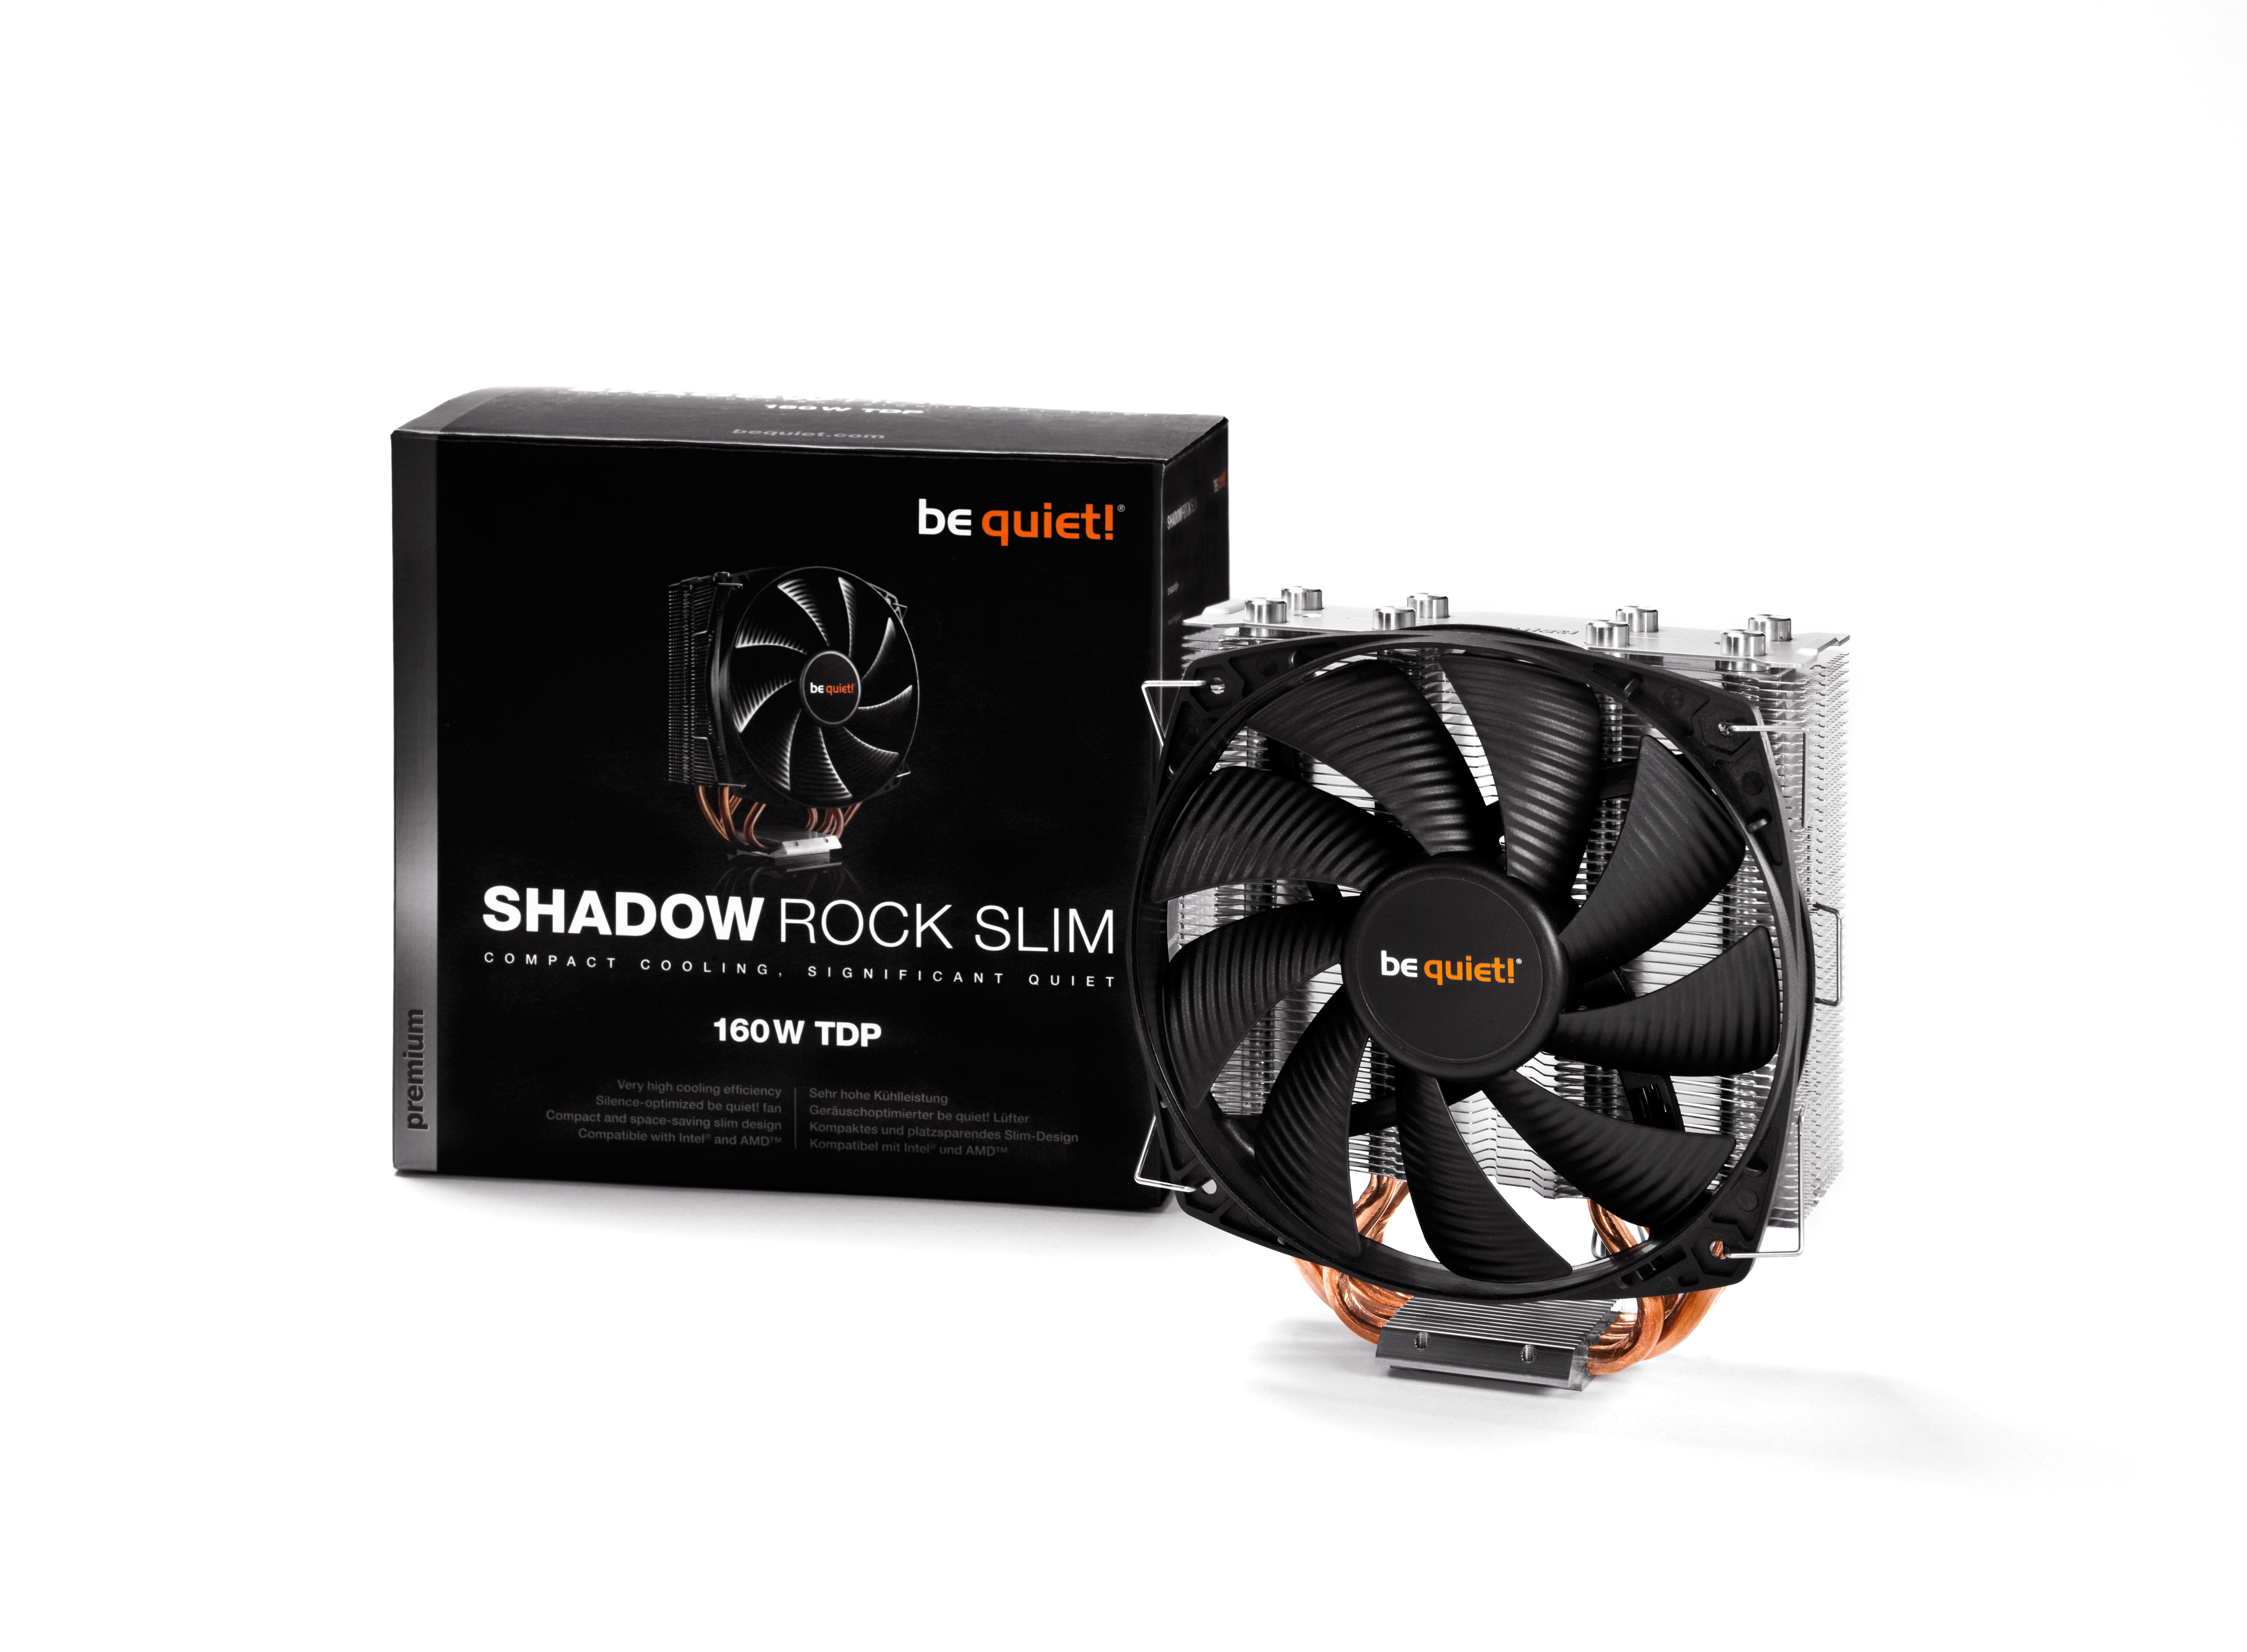 be quiet! Shadow Rock Slim, 160W TDP, Intel: 775 / 1150 / 1155 / 1156 / 1366 / 2011 AMD: AM2 (+) / AM3 (+) / FM1 / FM2 / 754 / 939 / 940